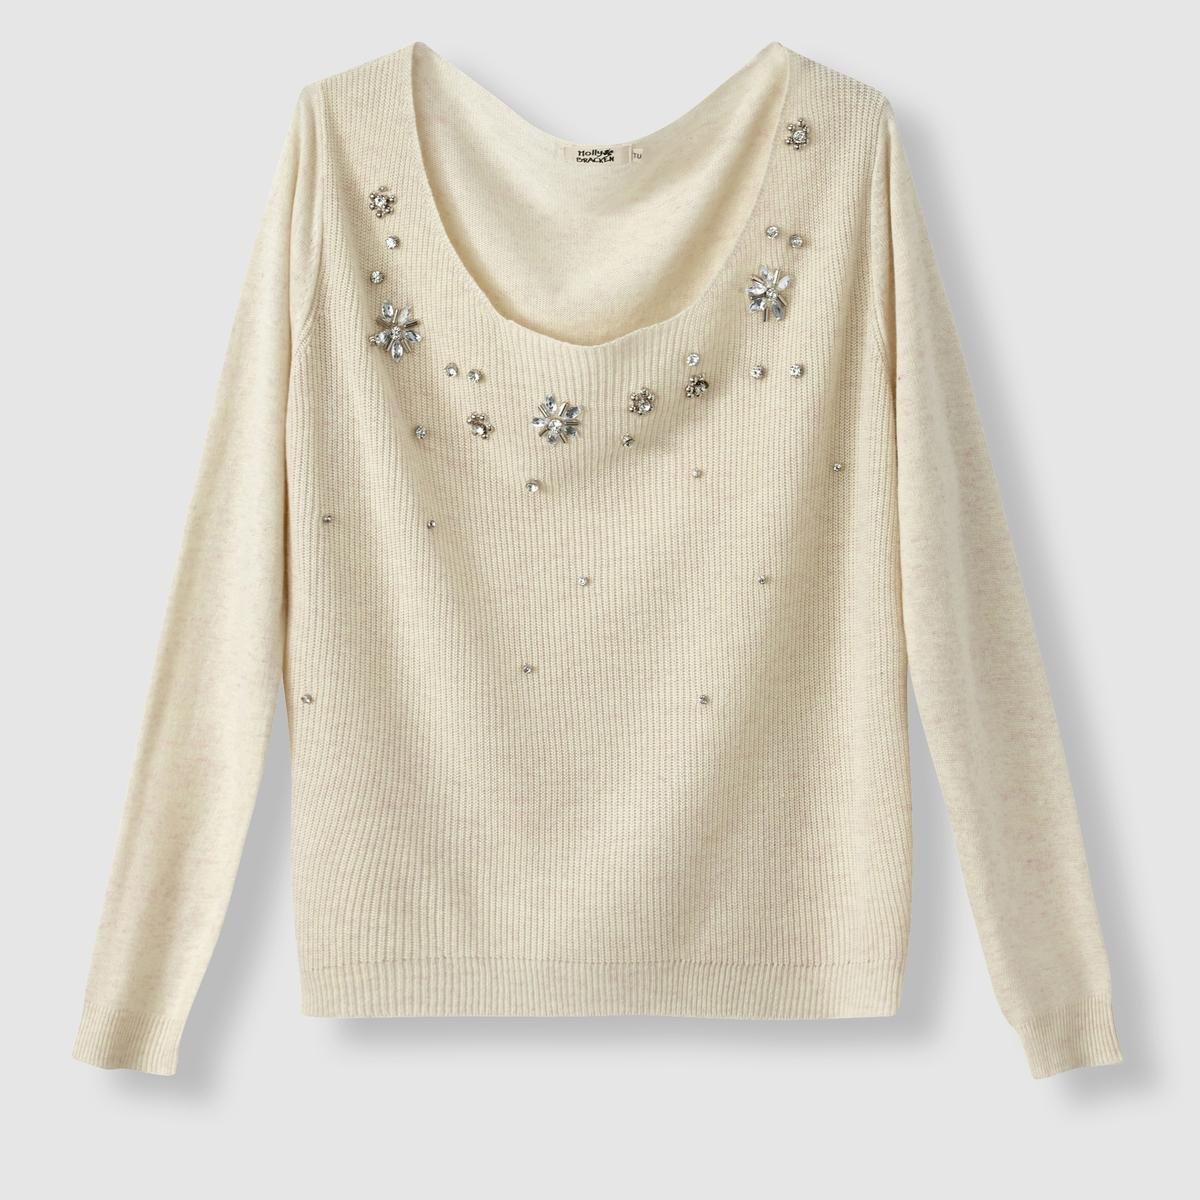 Пуловер с вышивкой, круглый вырезПуловер с длинными рукавами  MOLLY BRACKEN. Пуловер комфортного прямого покроя. Круглый вырез. Оригинальные вставки с вышивкой на декольте . Состав и описание :Материал : 55% растительных волокон, 45% полиэстера Марка : MOLLY BRACKEN.<br><br>Цвет: черный,экрю<br>Размер: единый размер